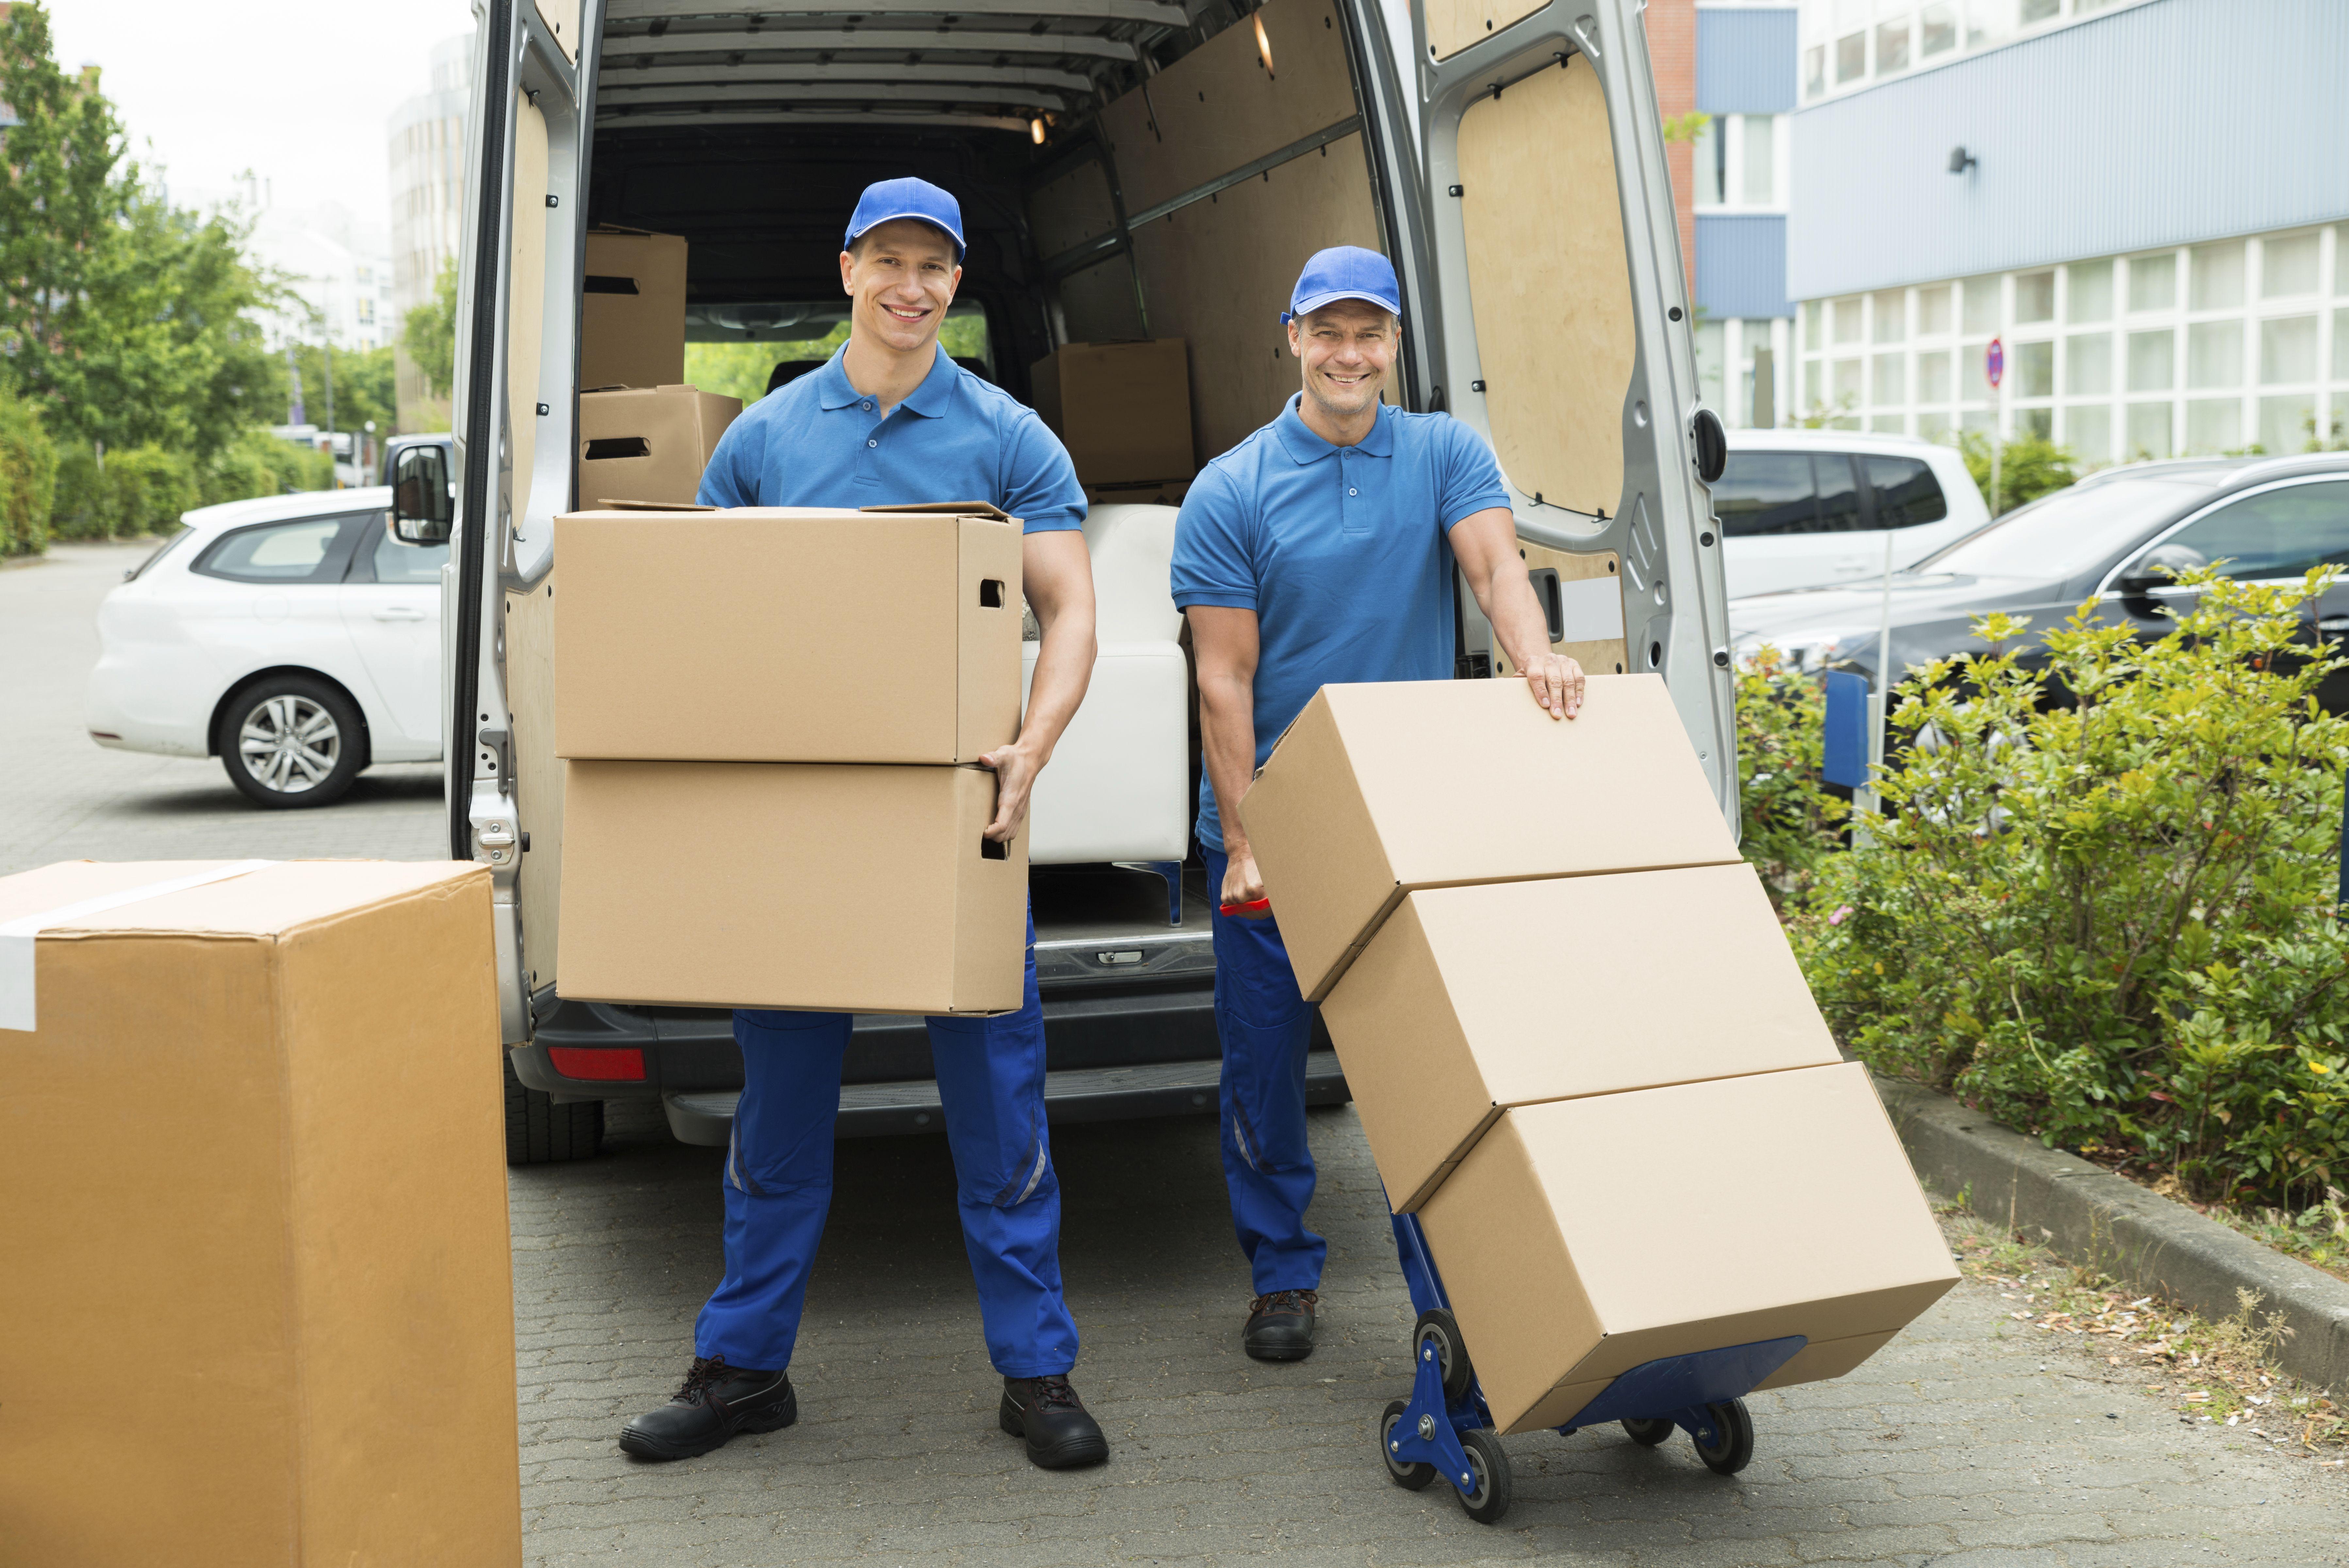 Servicio a particulares y empresas: Servicios de Mudanzas Corral y Grupo Si Mona